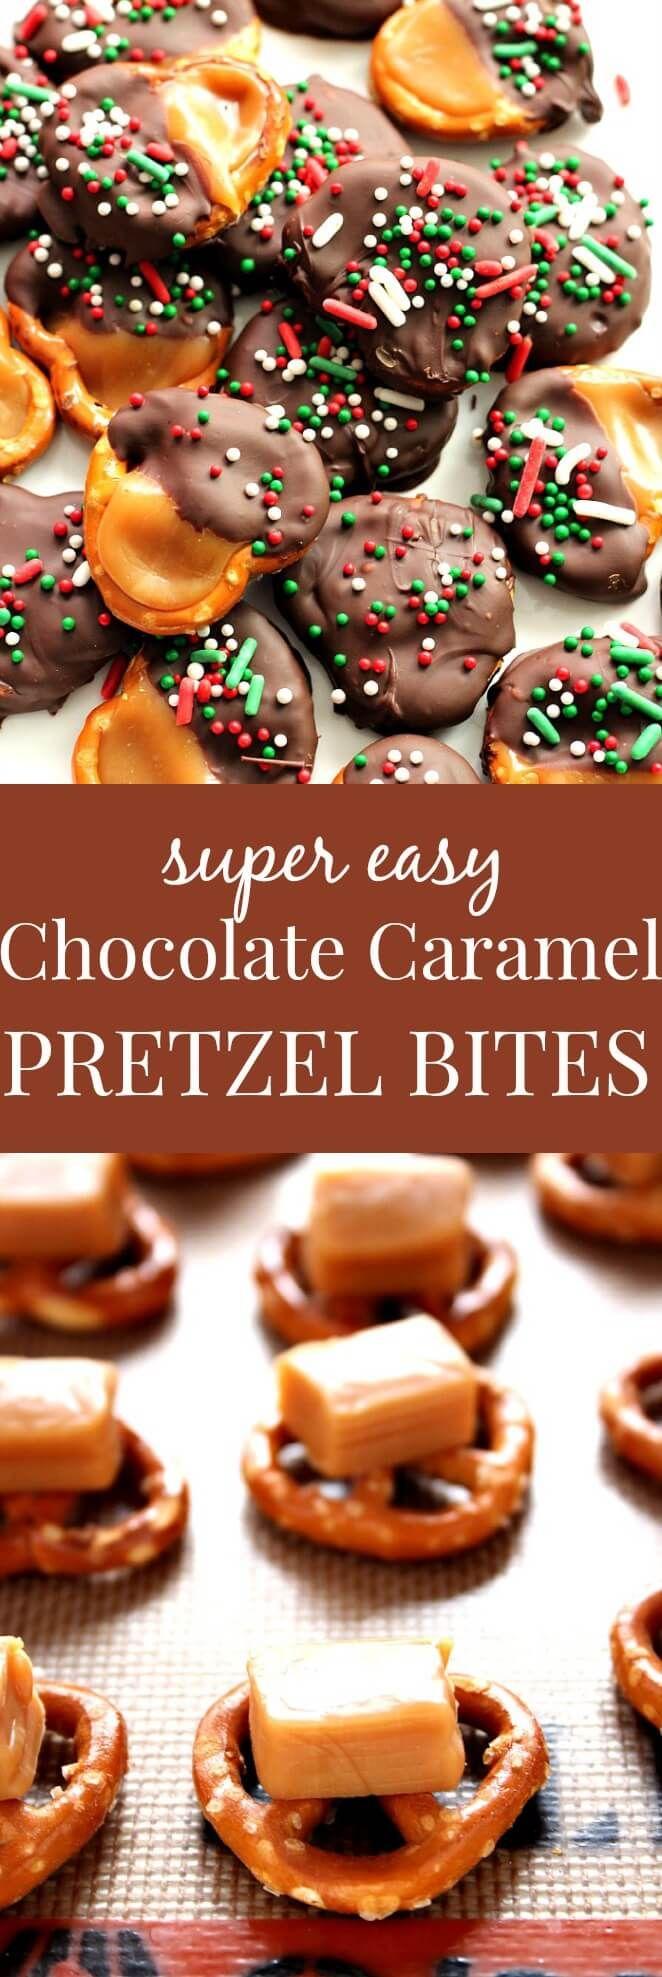 awesome Easy Chocolate Caramel Pretzel Bites Recipe